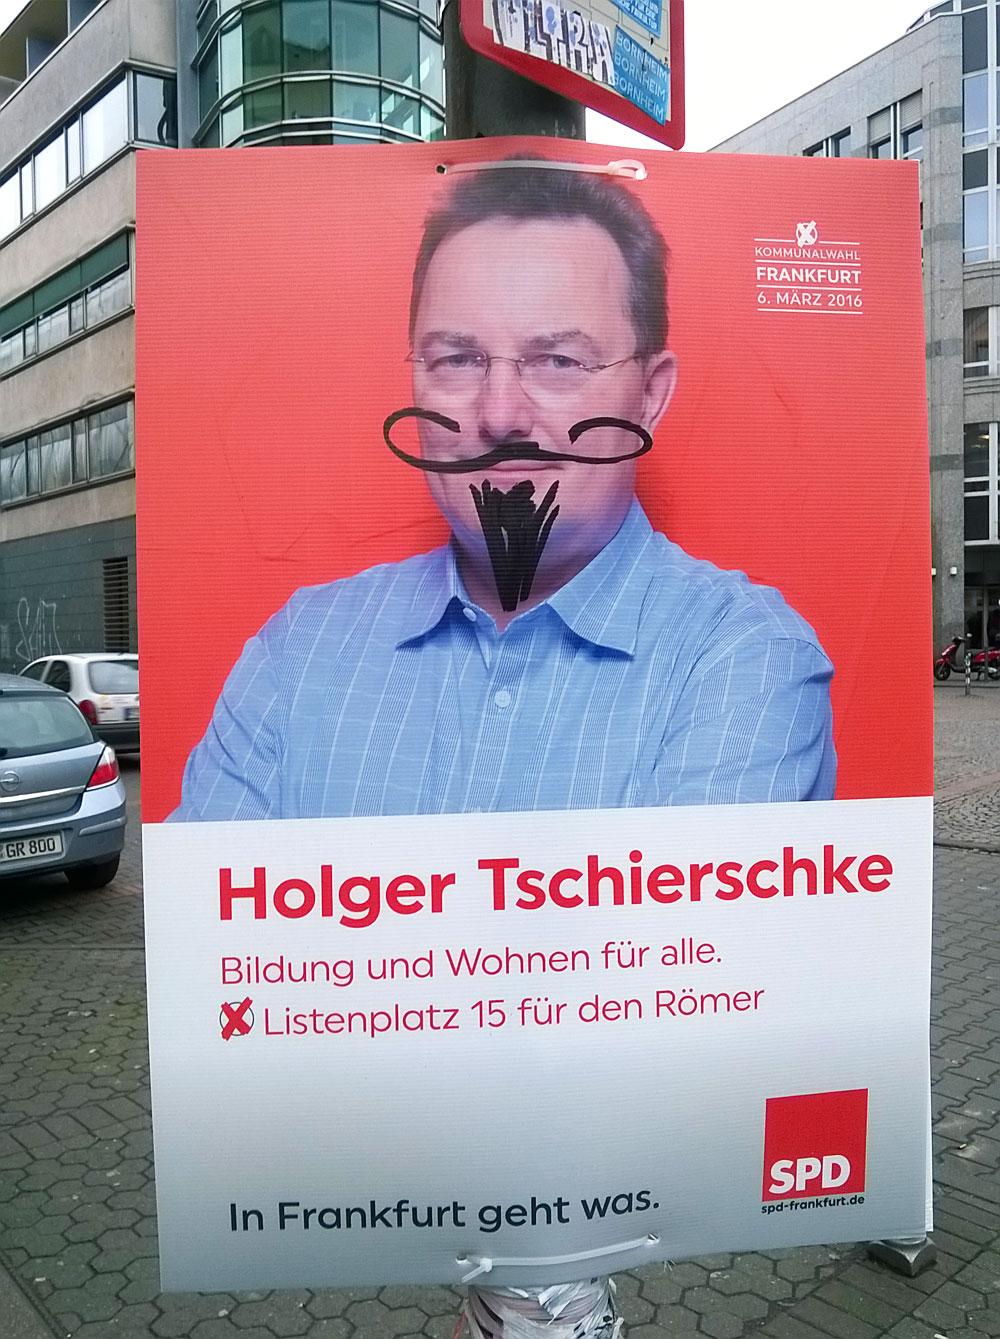 wahlplakate-zur-kommunalwahl-in-frankfurt-2016-spd-tschirschke-mit-bart